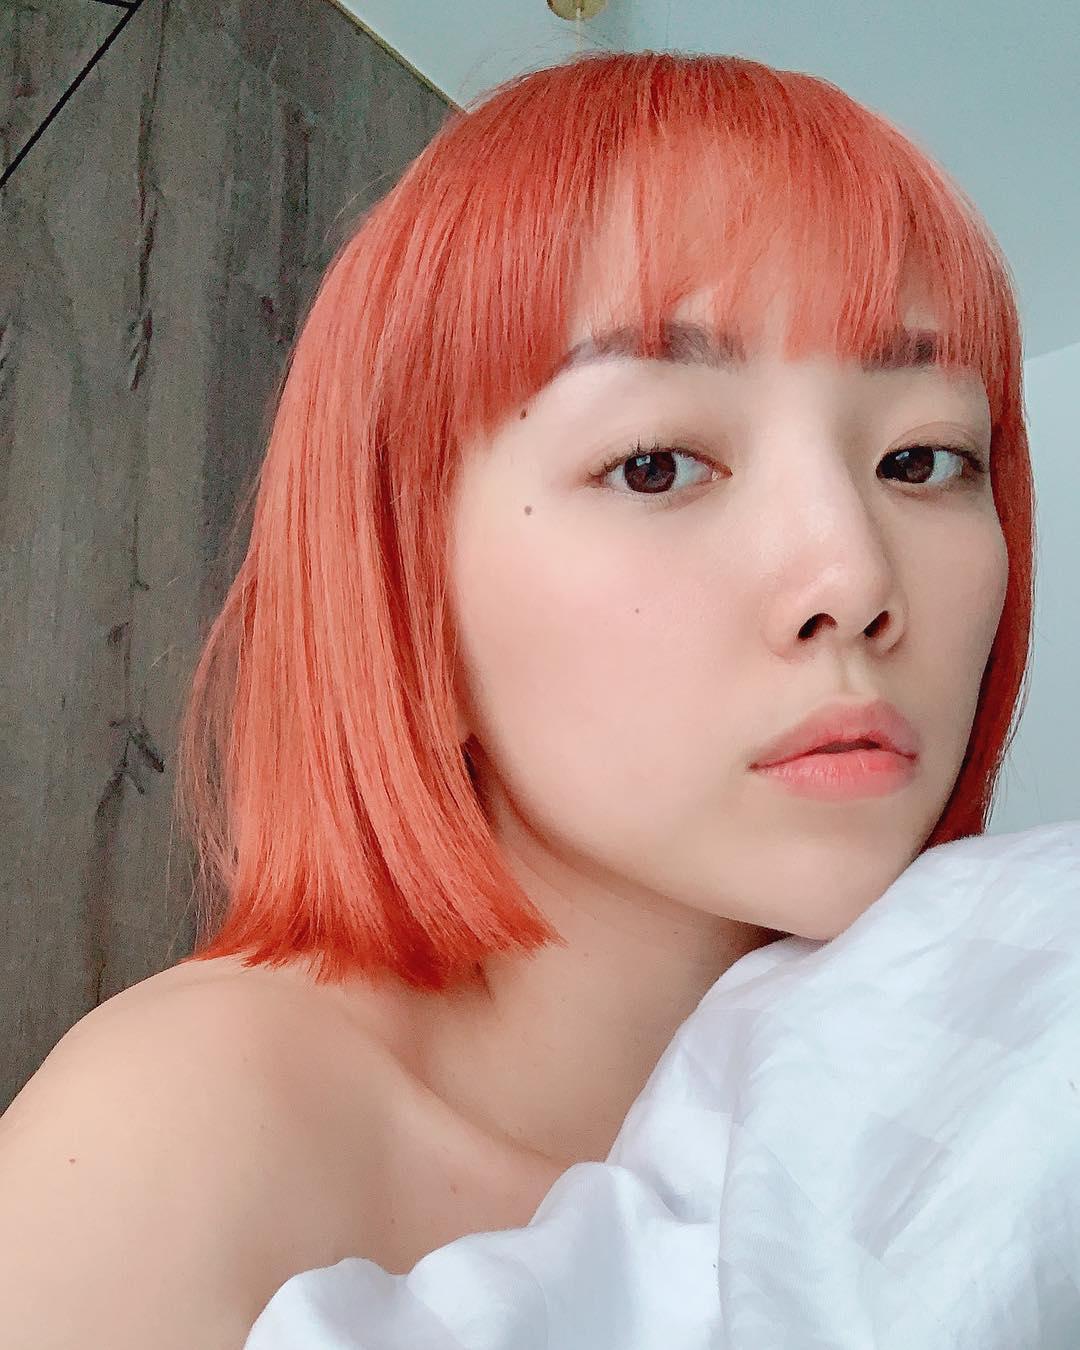 3 mỹ nhân Việt rất chịu khó quẩy những màu nhuộm tóc kén mặt nhưng chưa một lần xuống sắc-1